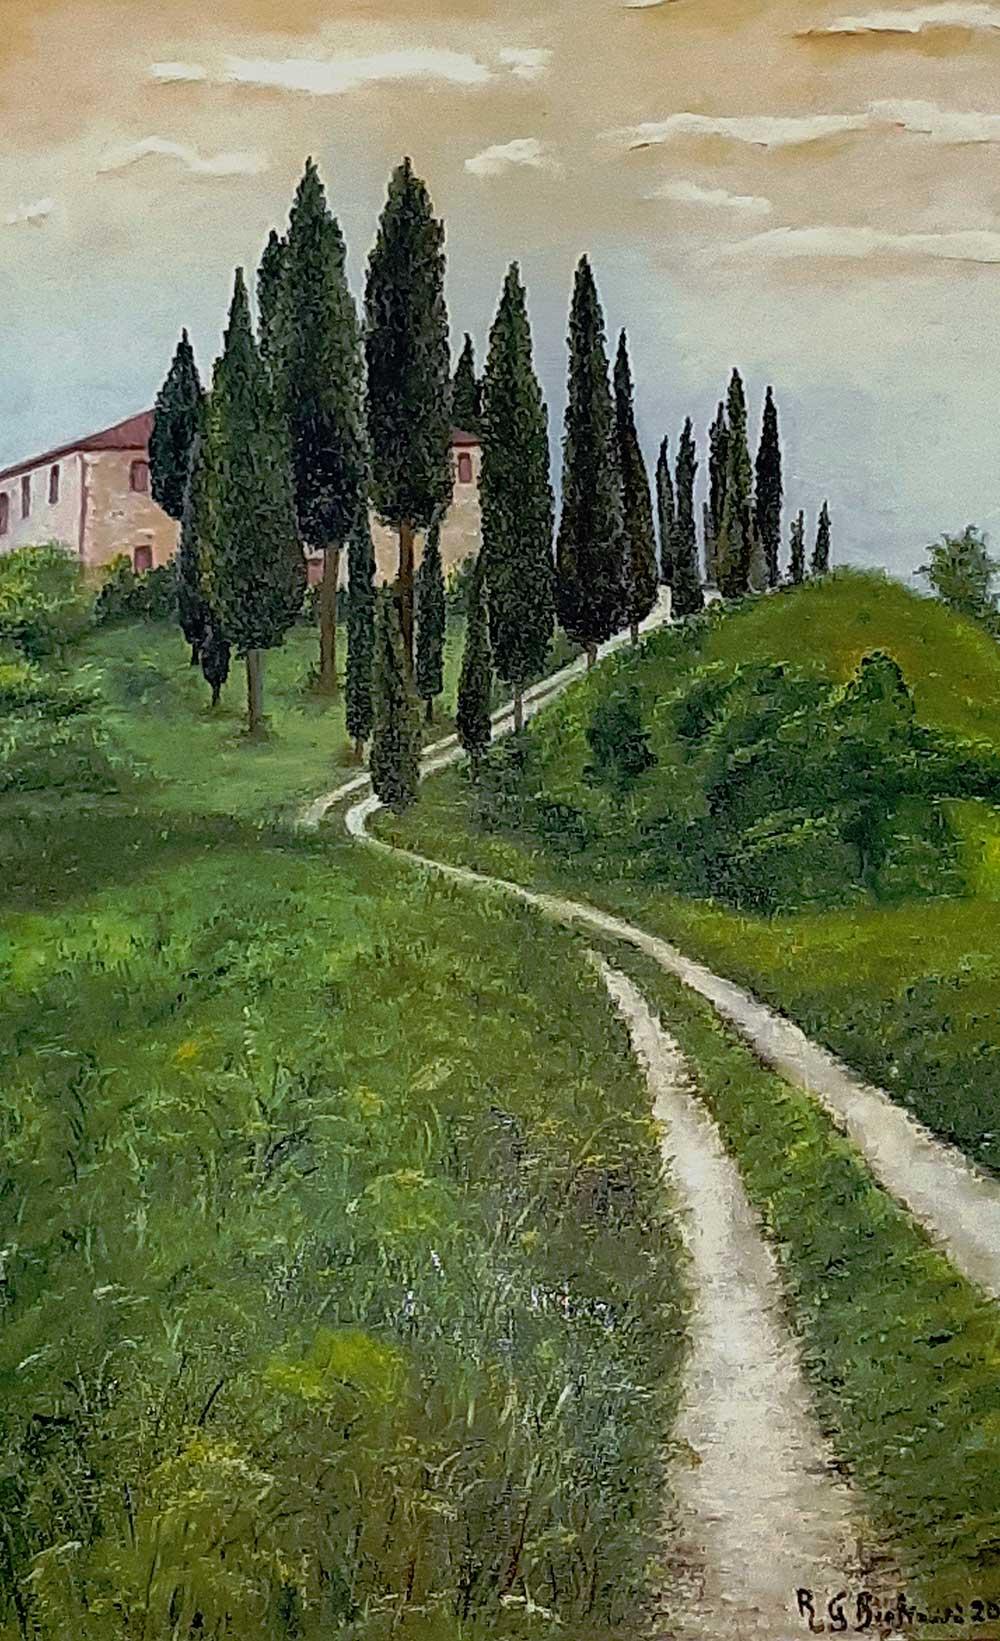 Begliomini Roberta Grazia